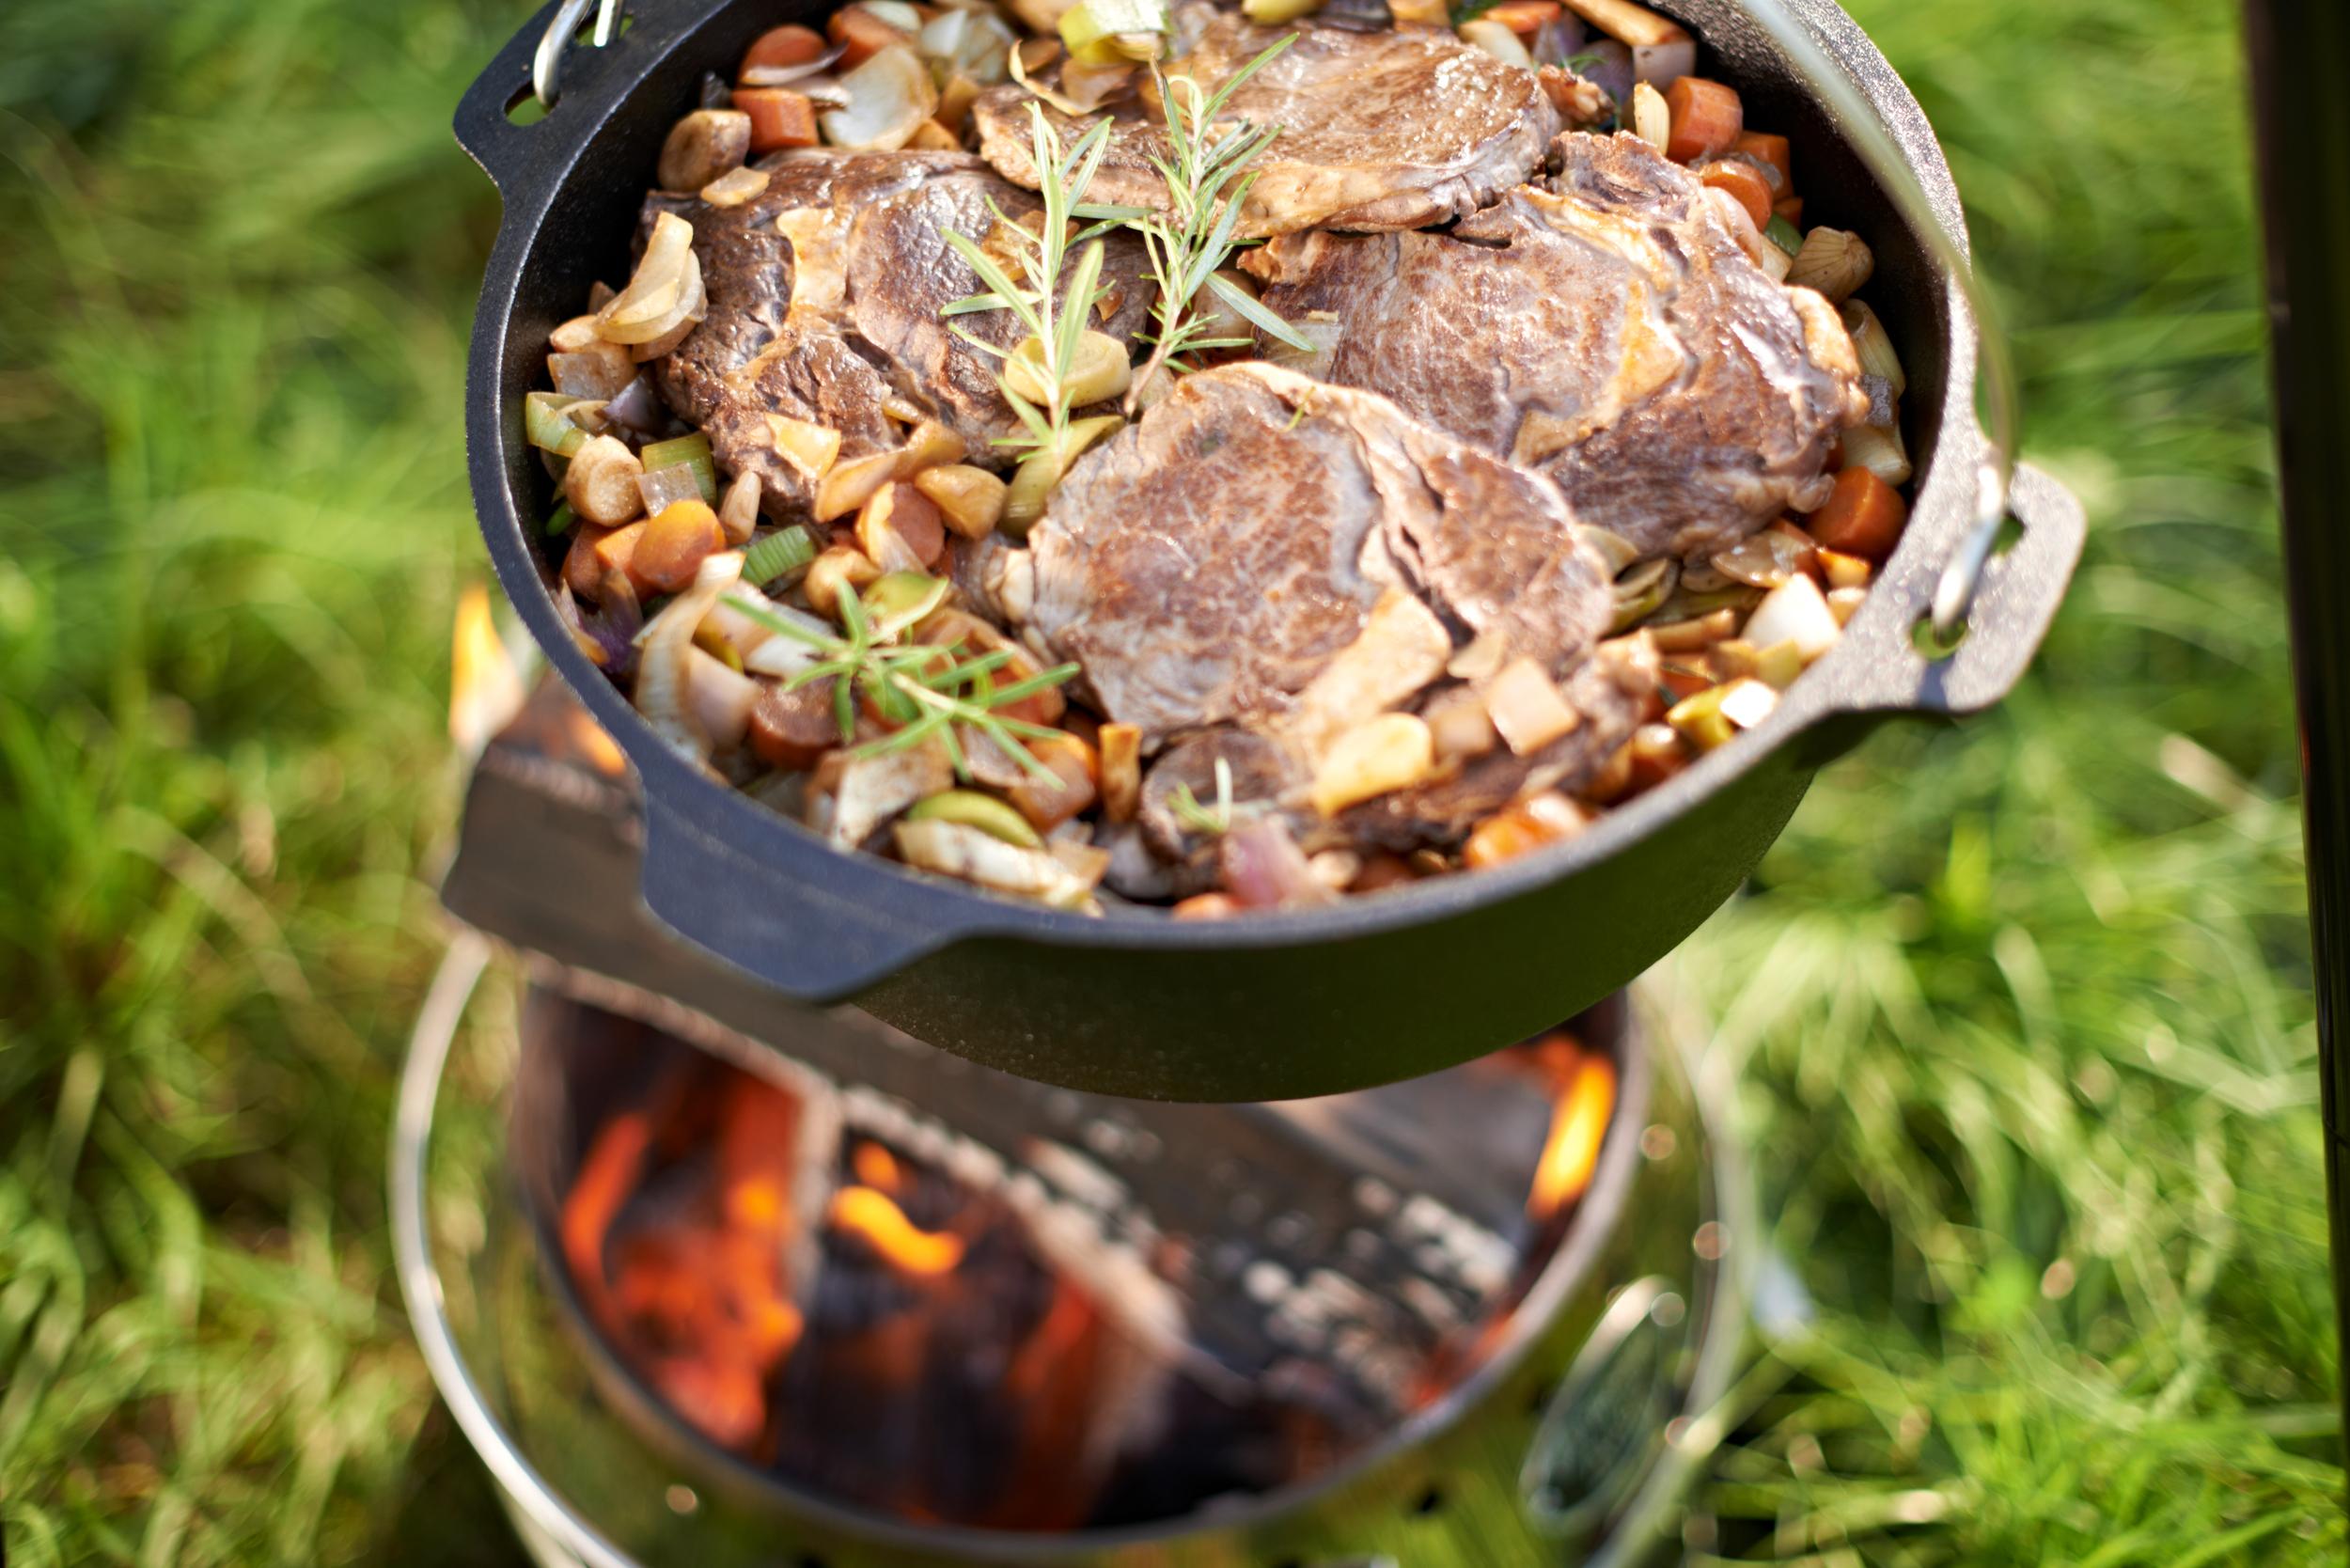 Camping Zubehör Shop Zubehoer Praktische Gartenkuche